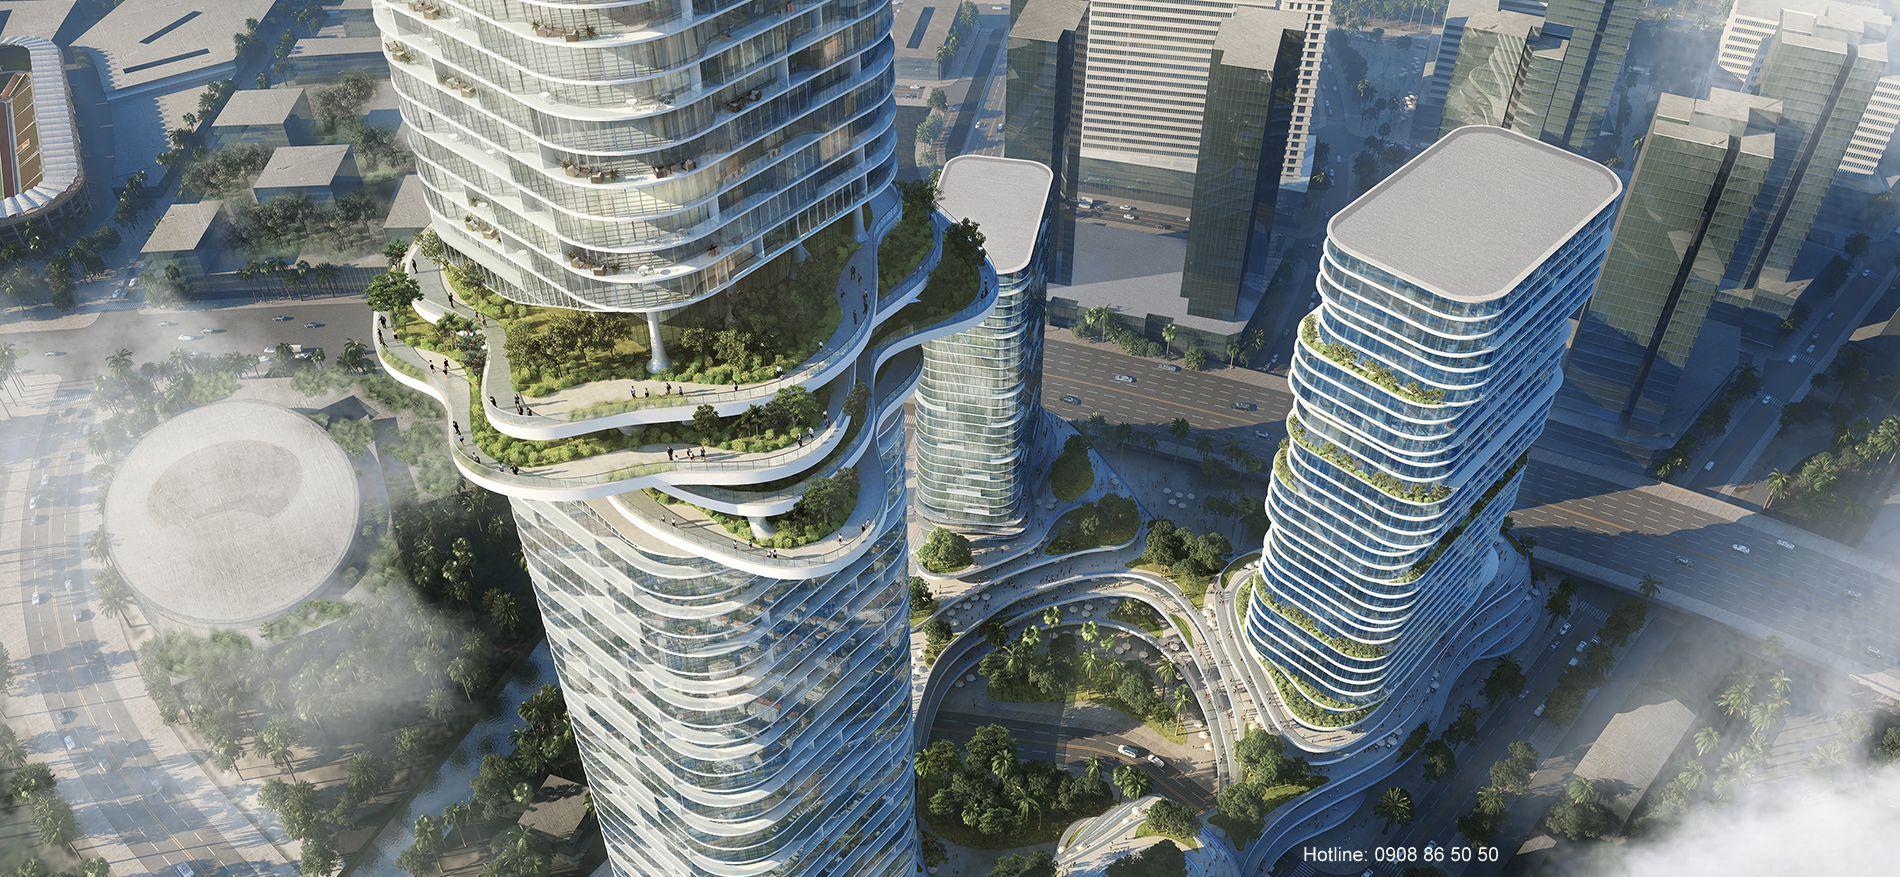 Dự án căn hộ Empire City Thủ Thiêm quận 2 - Bảng giá bán, cho thuê.